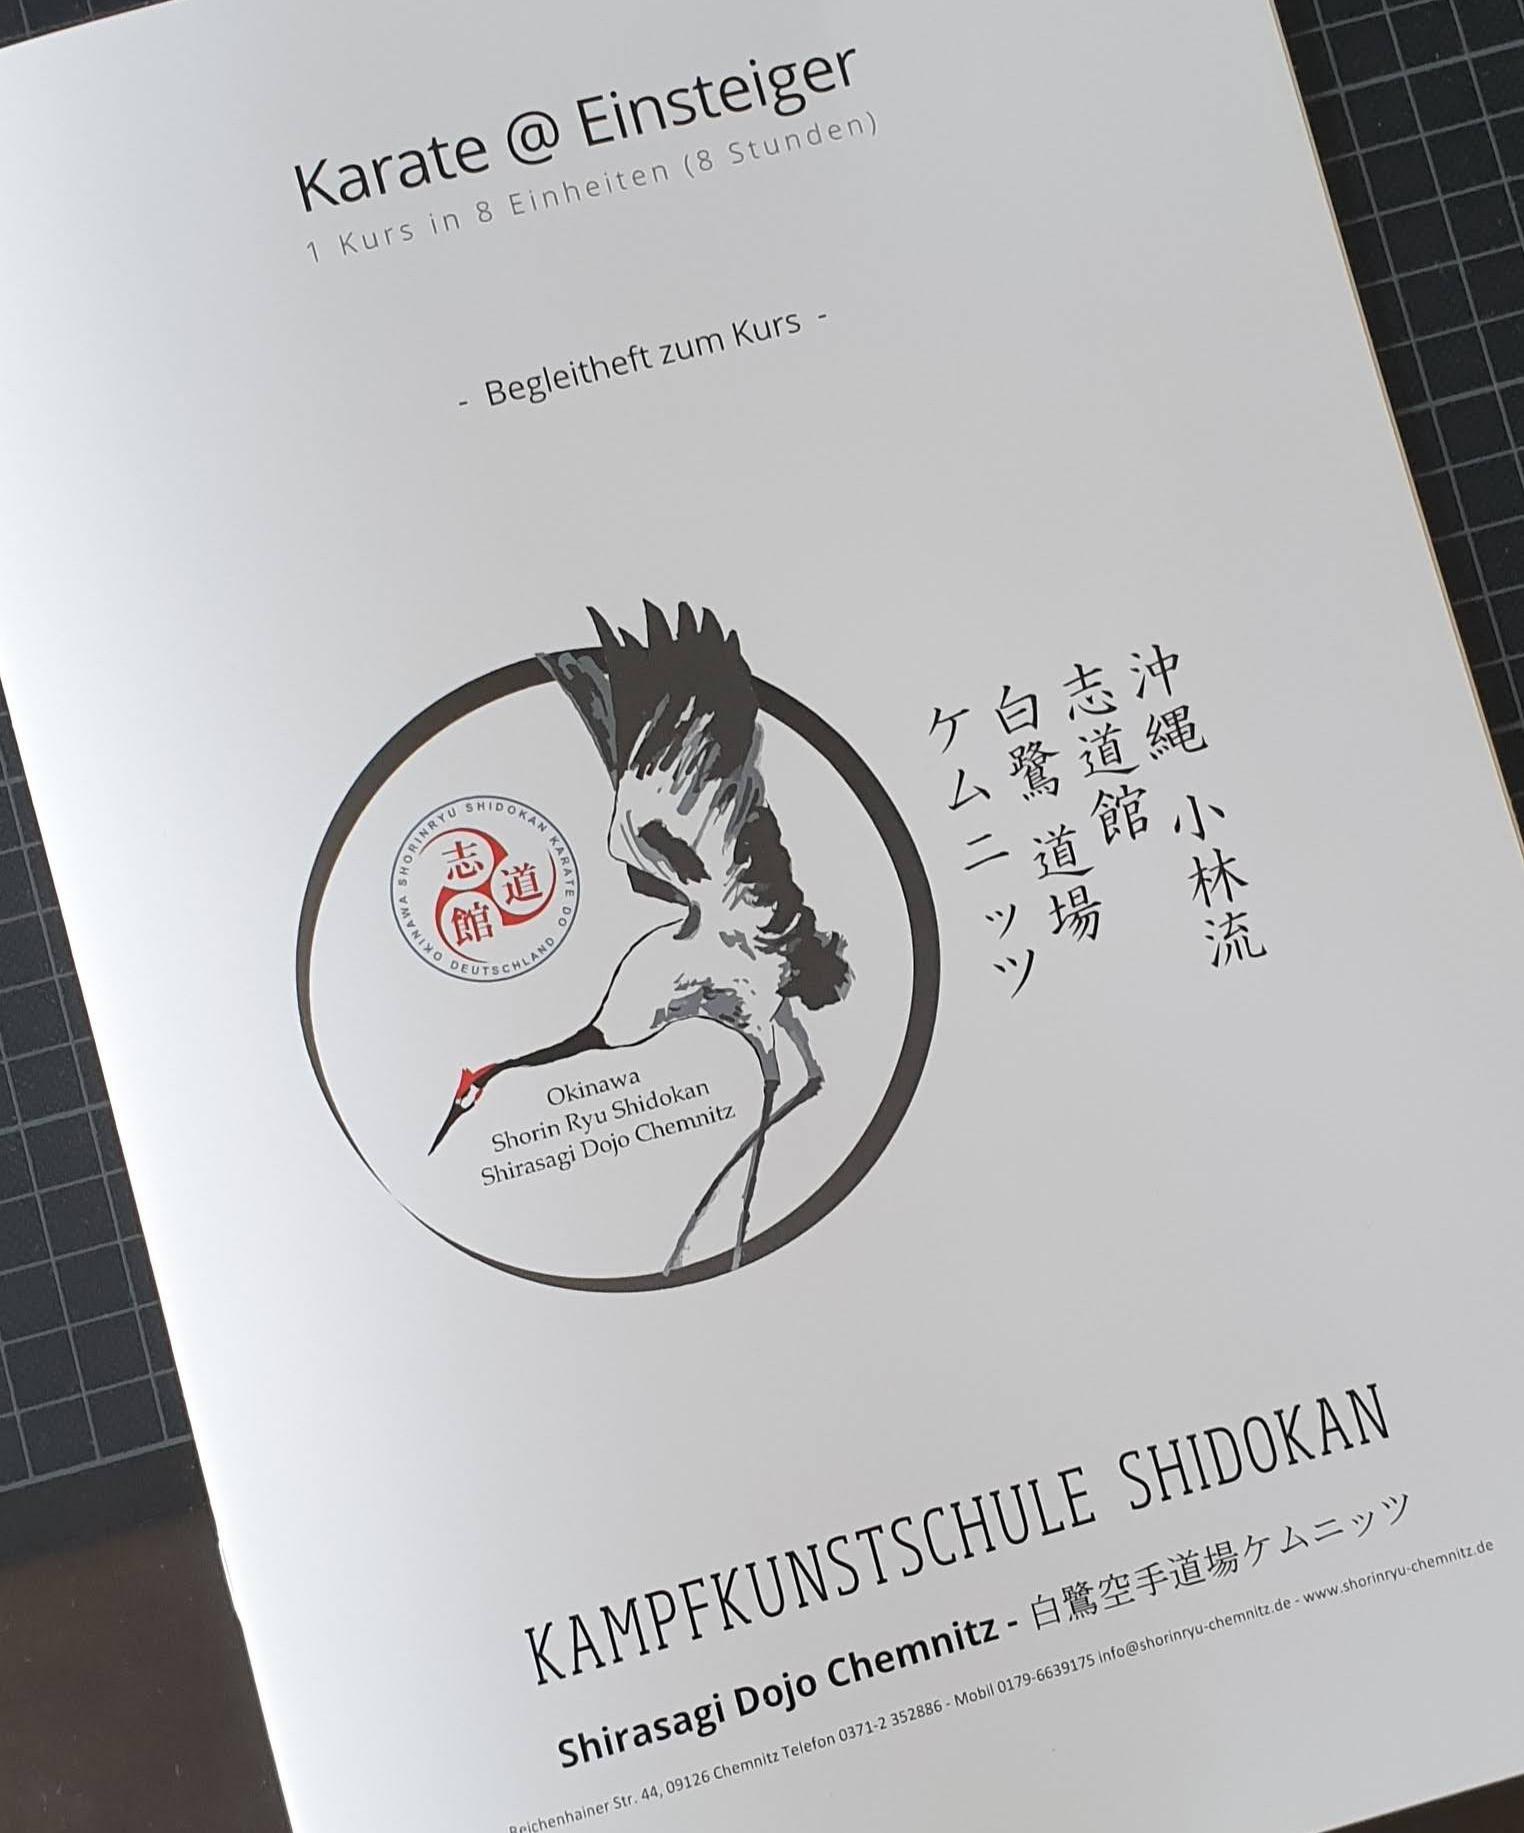 Karate @ Einsteiger